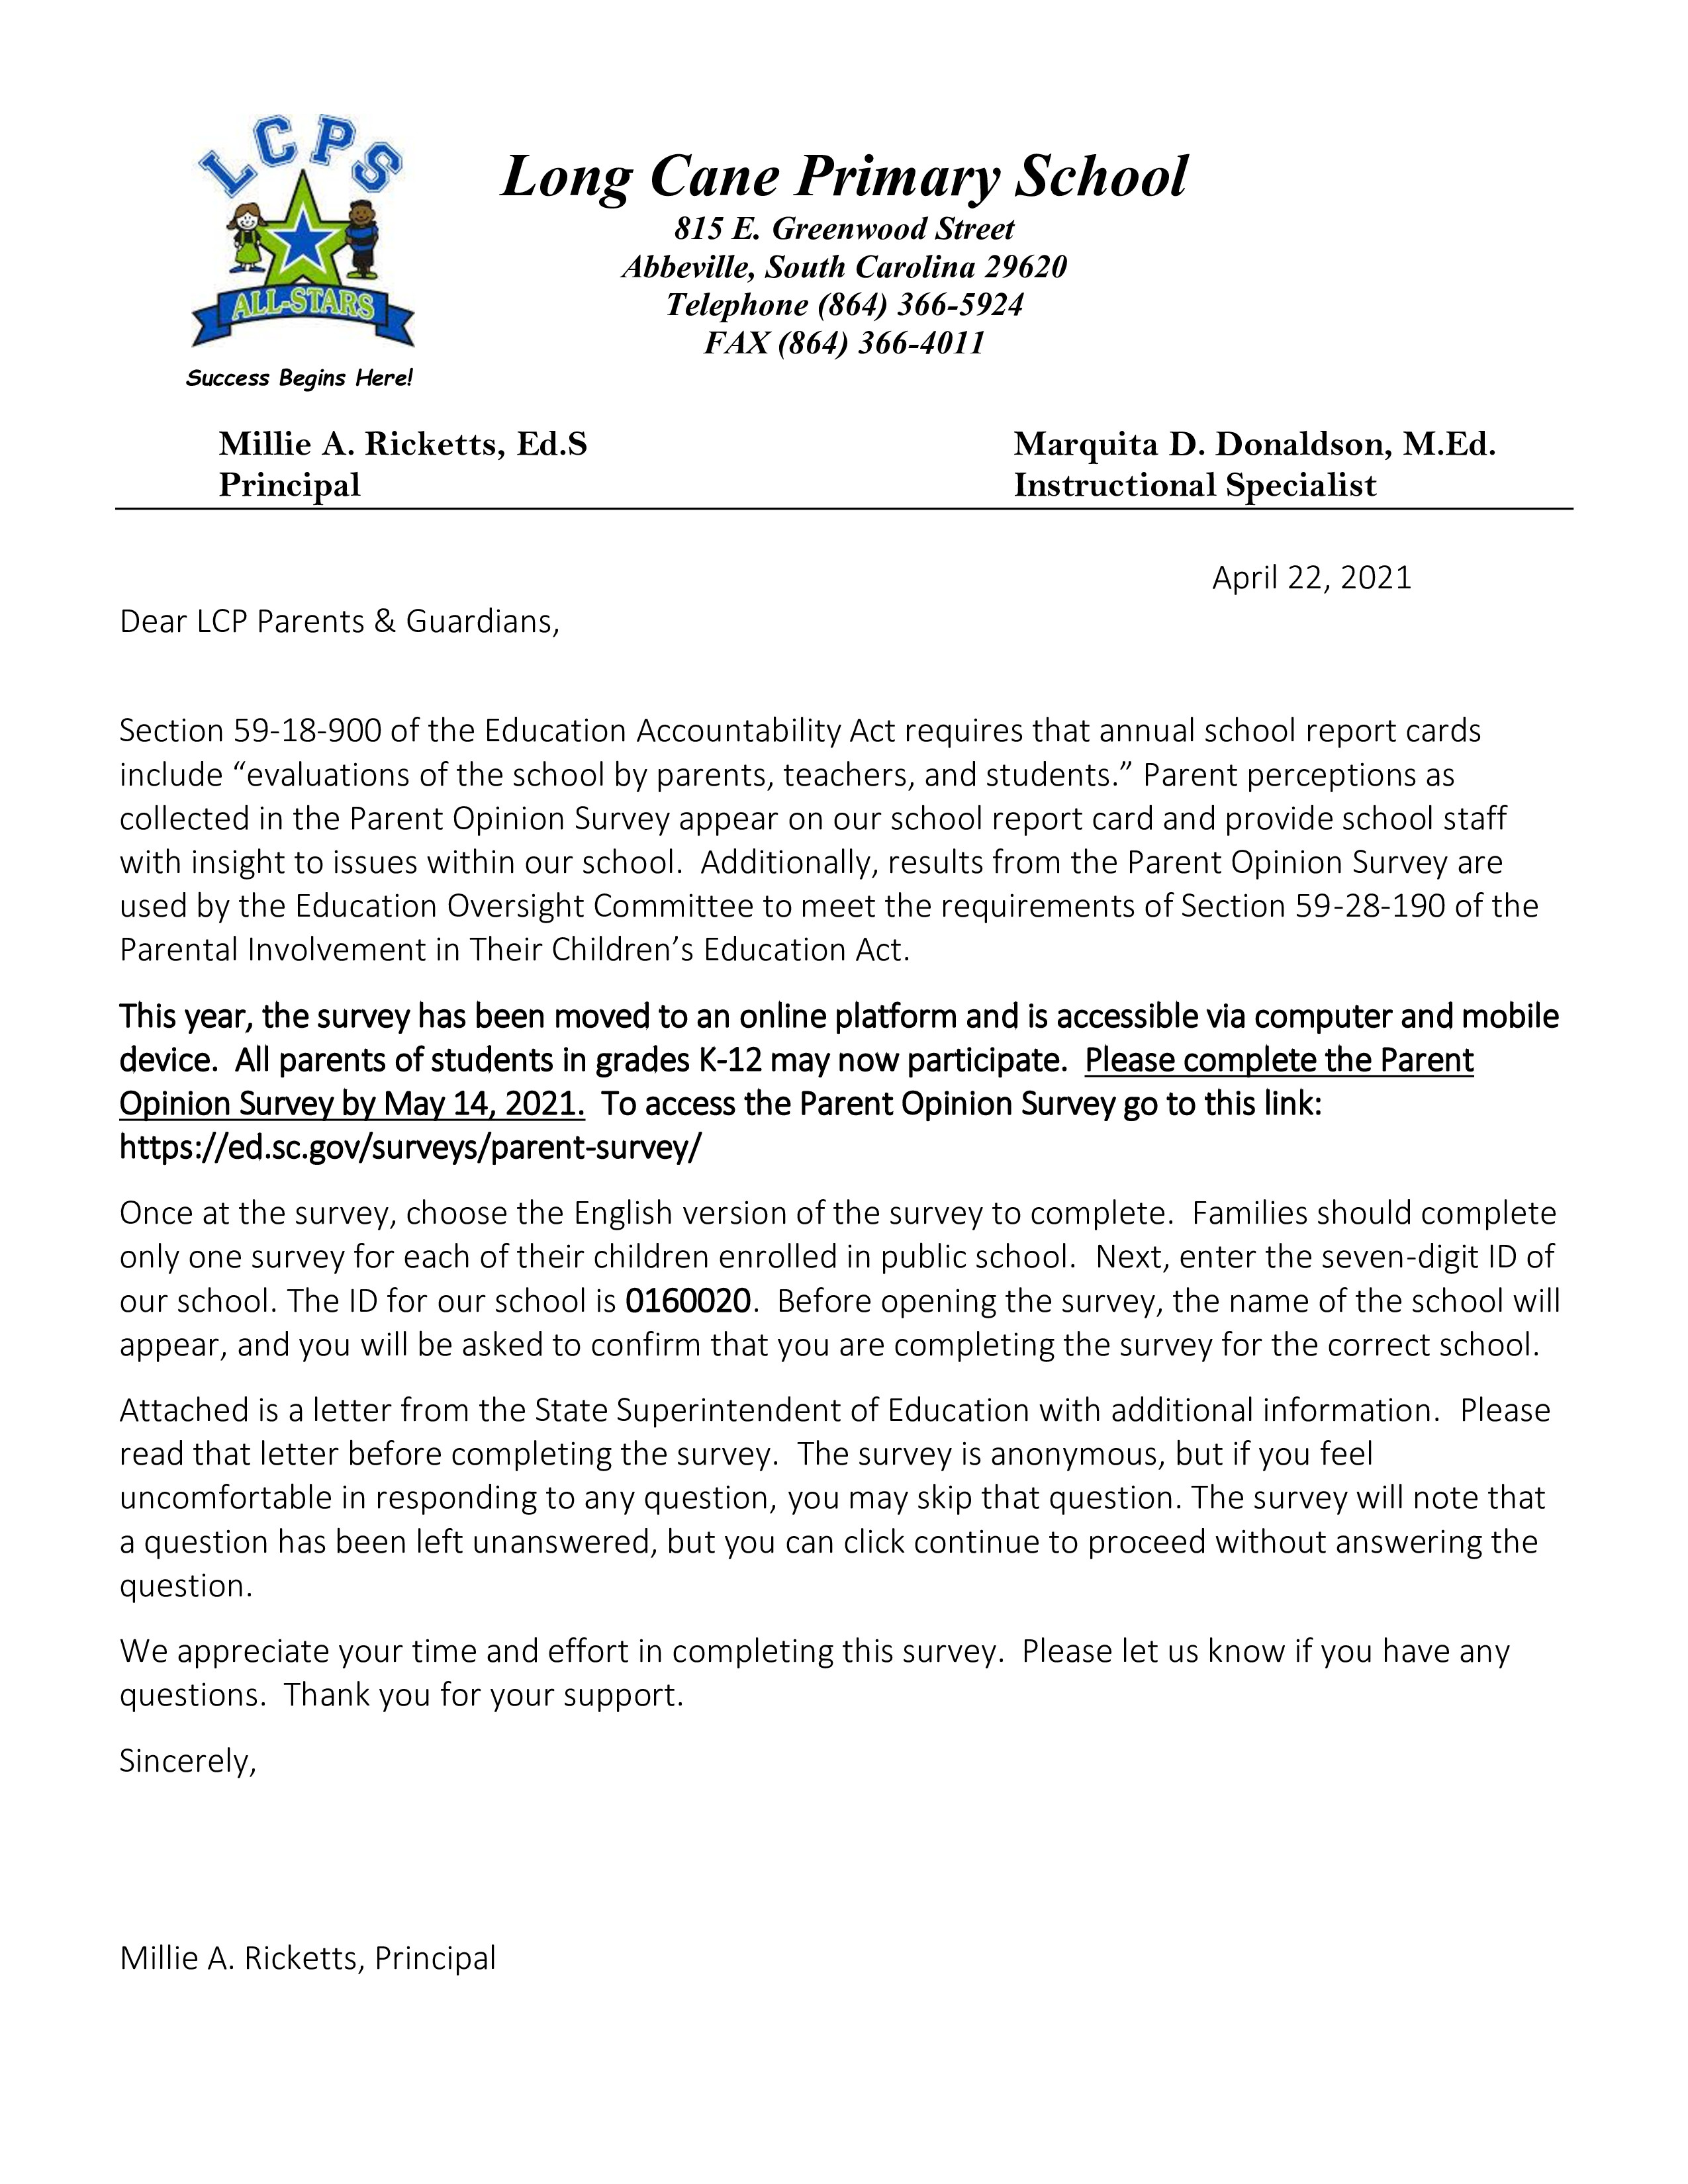 lcps parent letter - scde survey